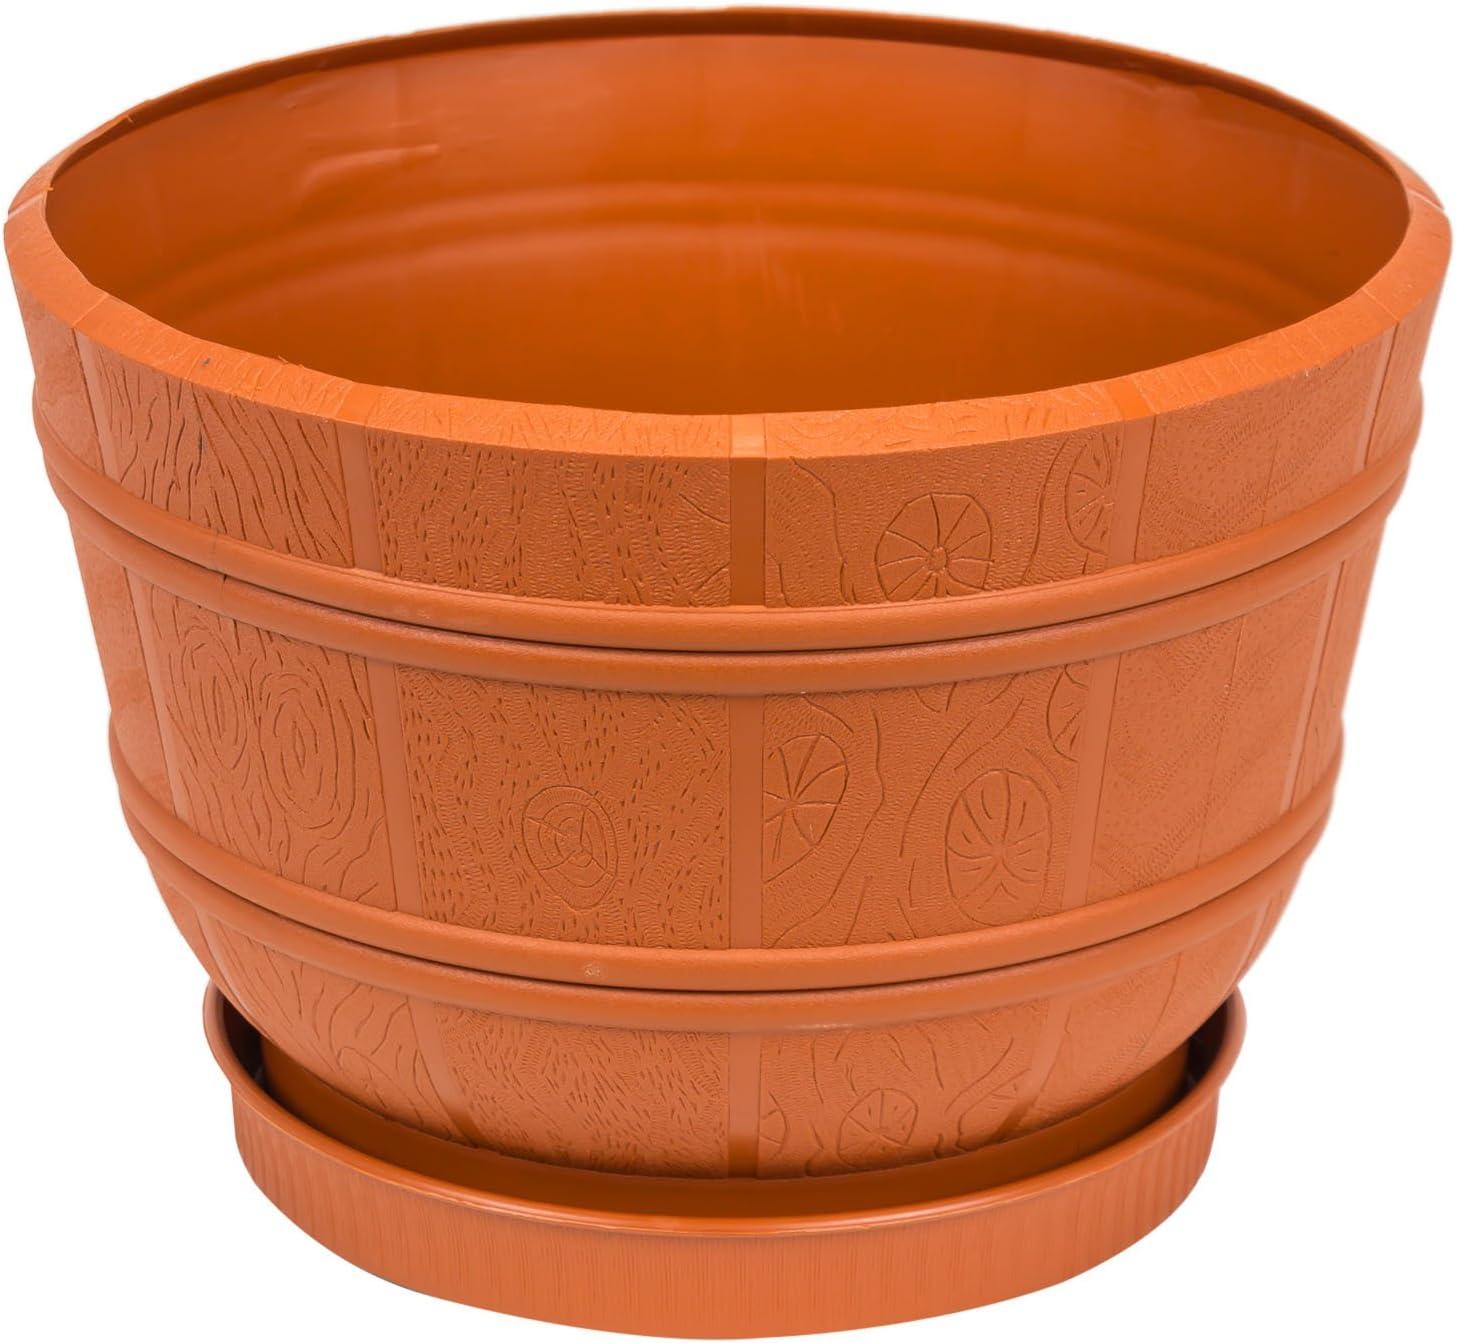 Pot de fleur avec soucoupe Flora en bois atificiel 25.5 cm en marron couleur